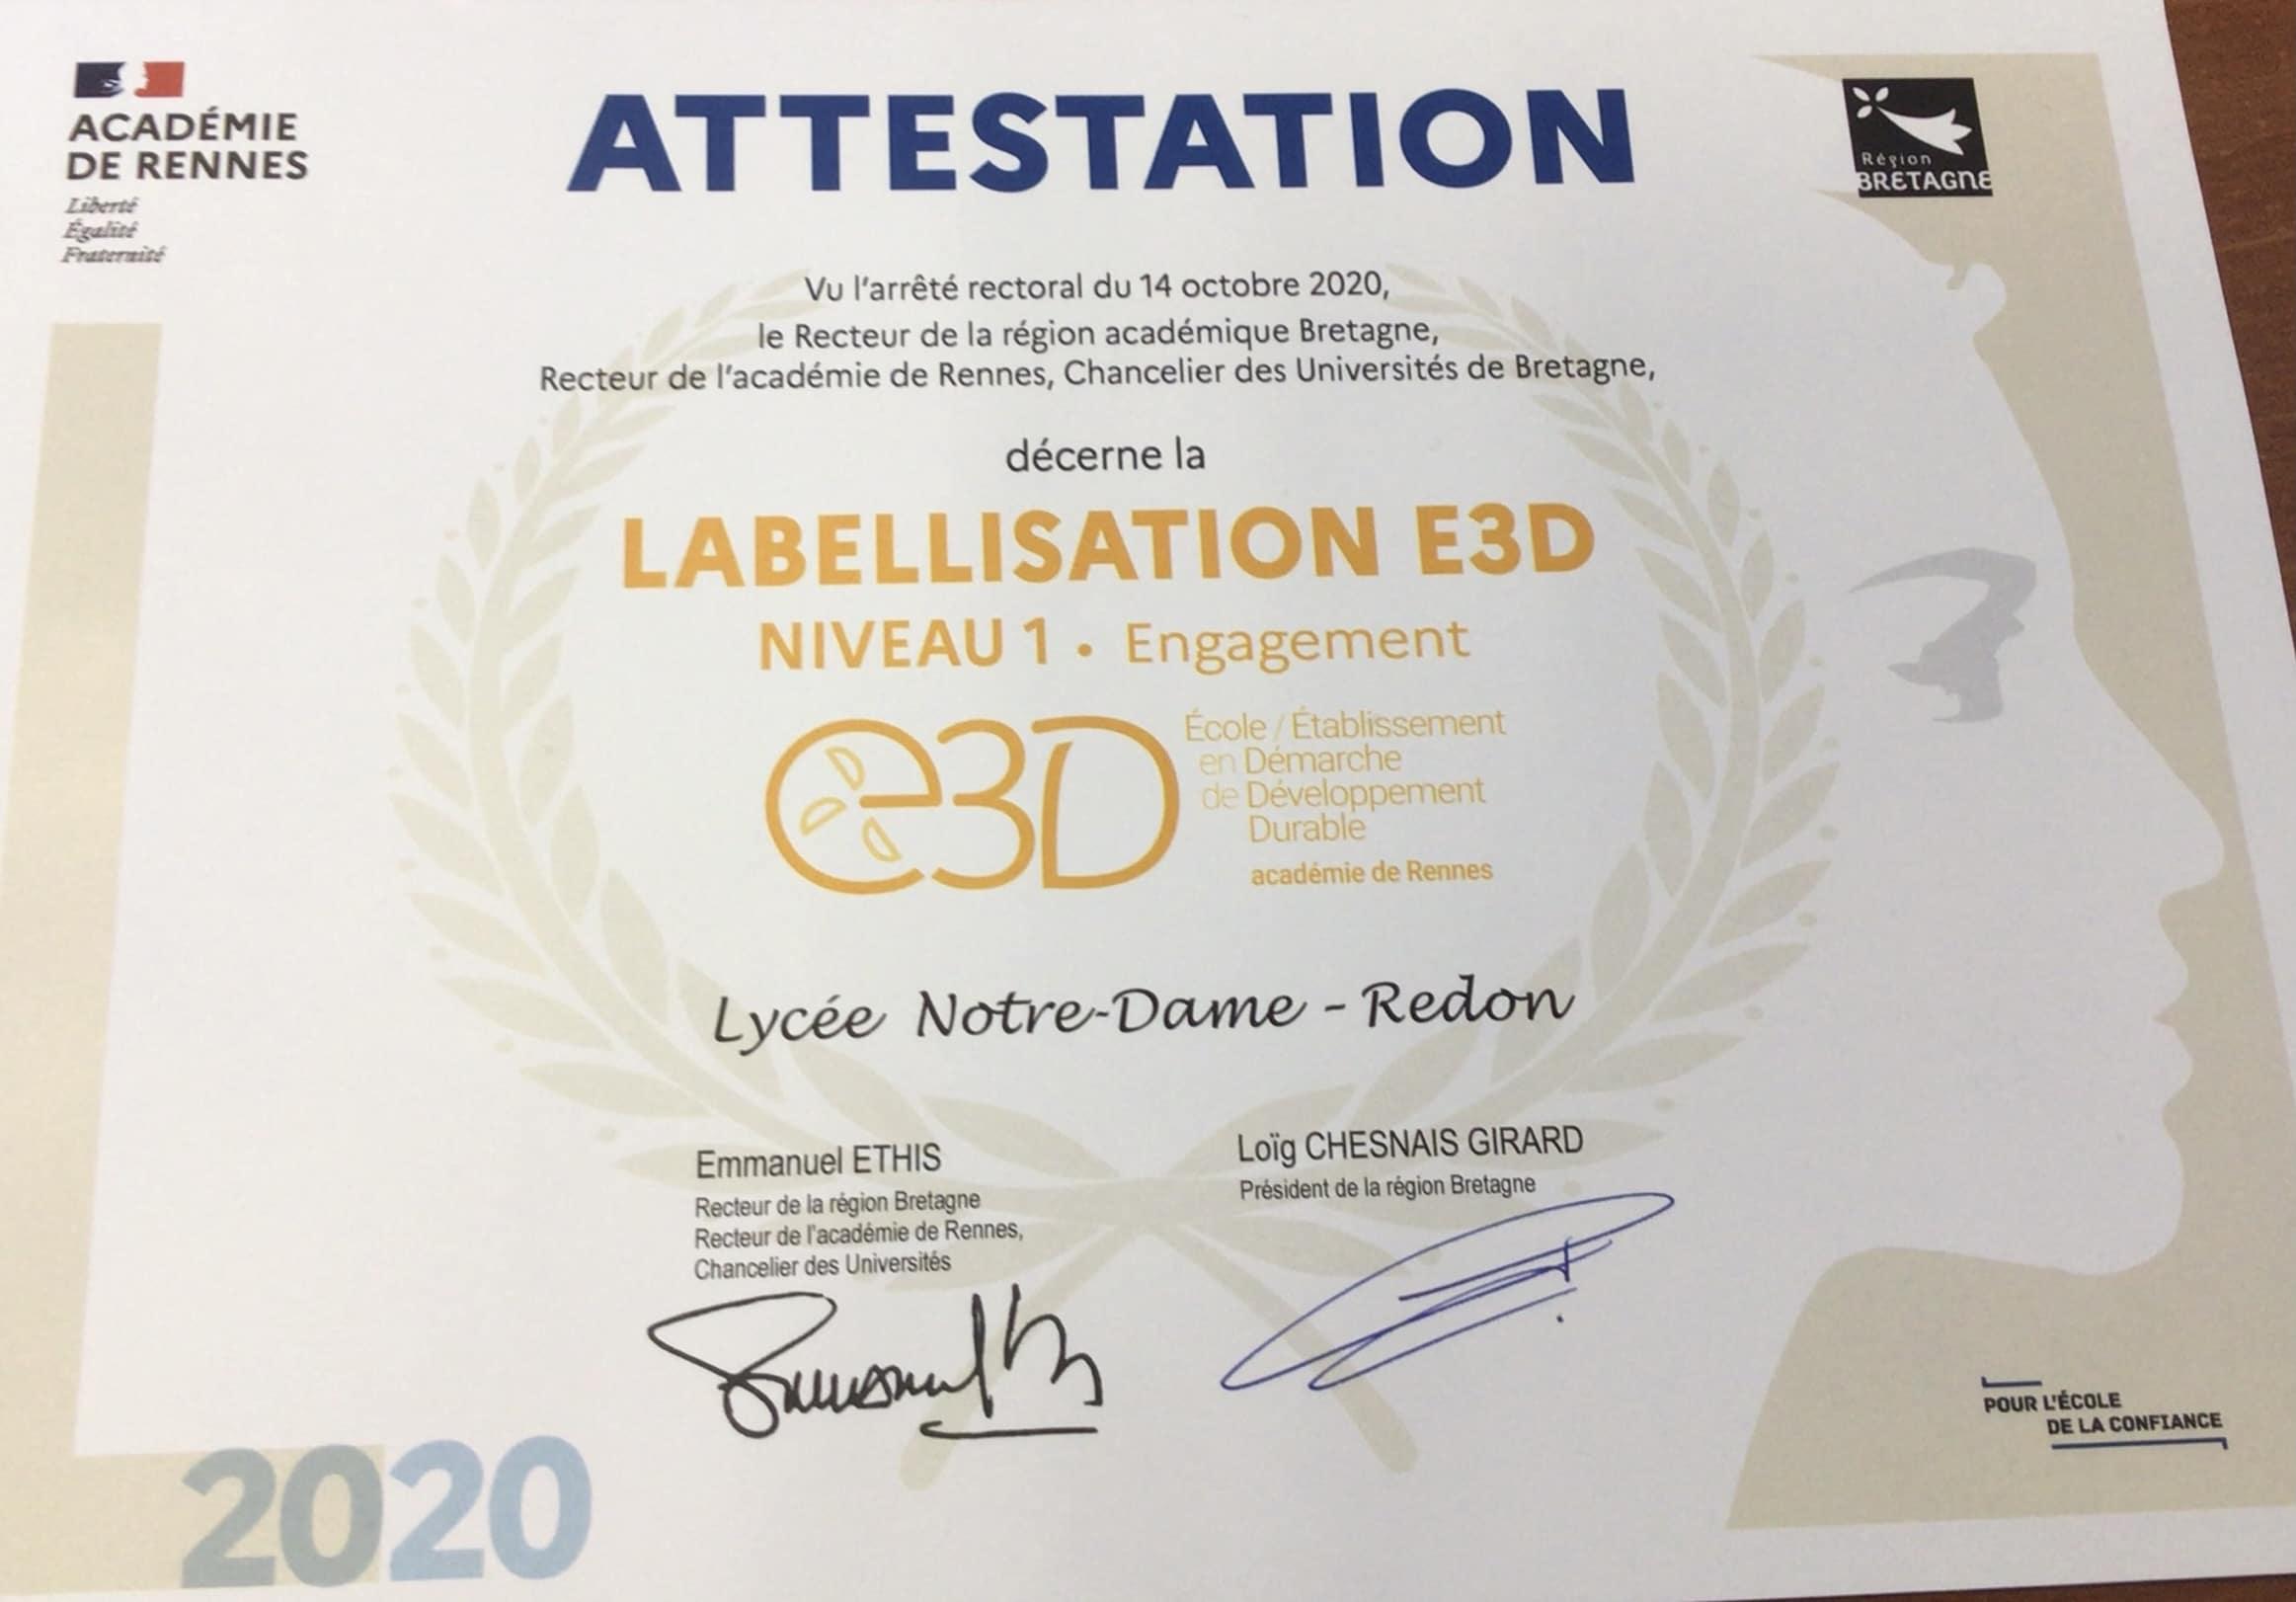 Labellisation E3D  pour le développement durable